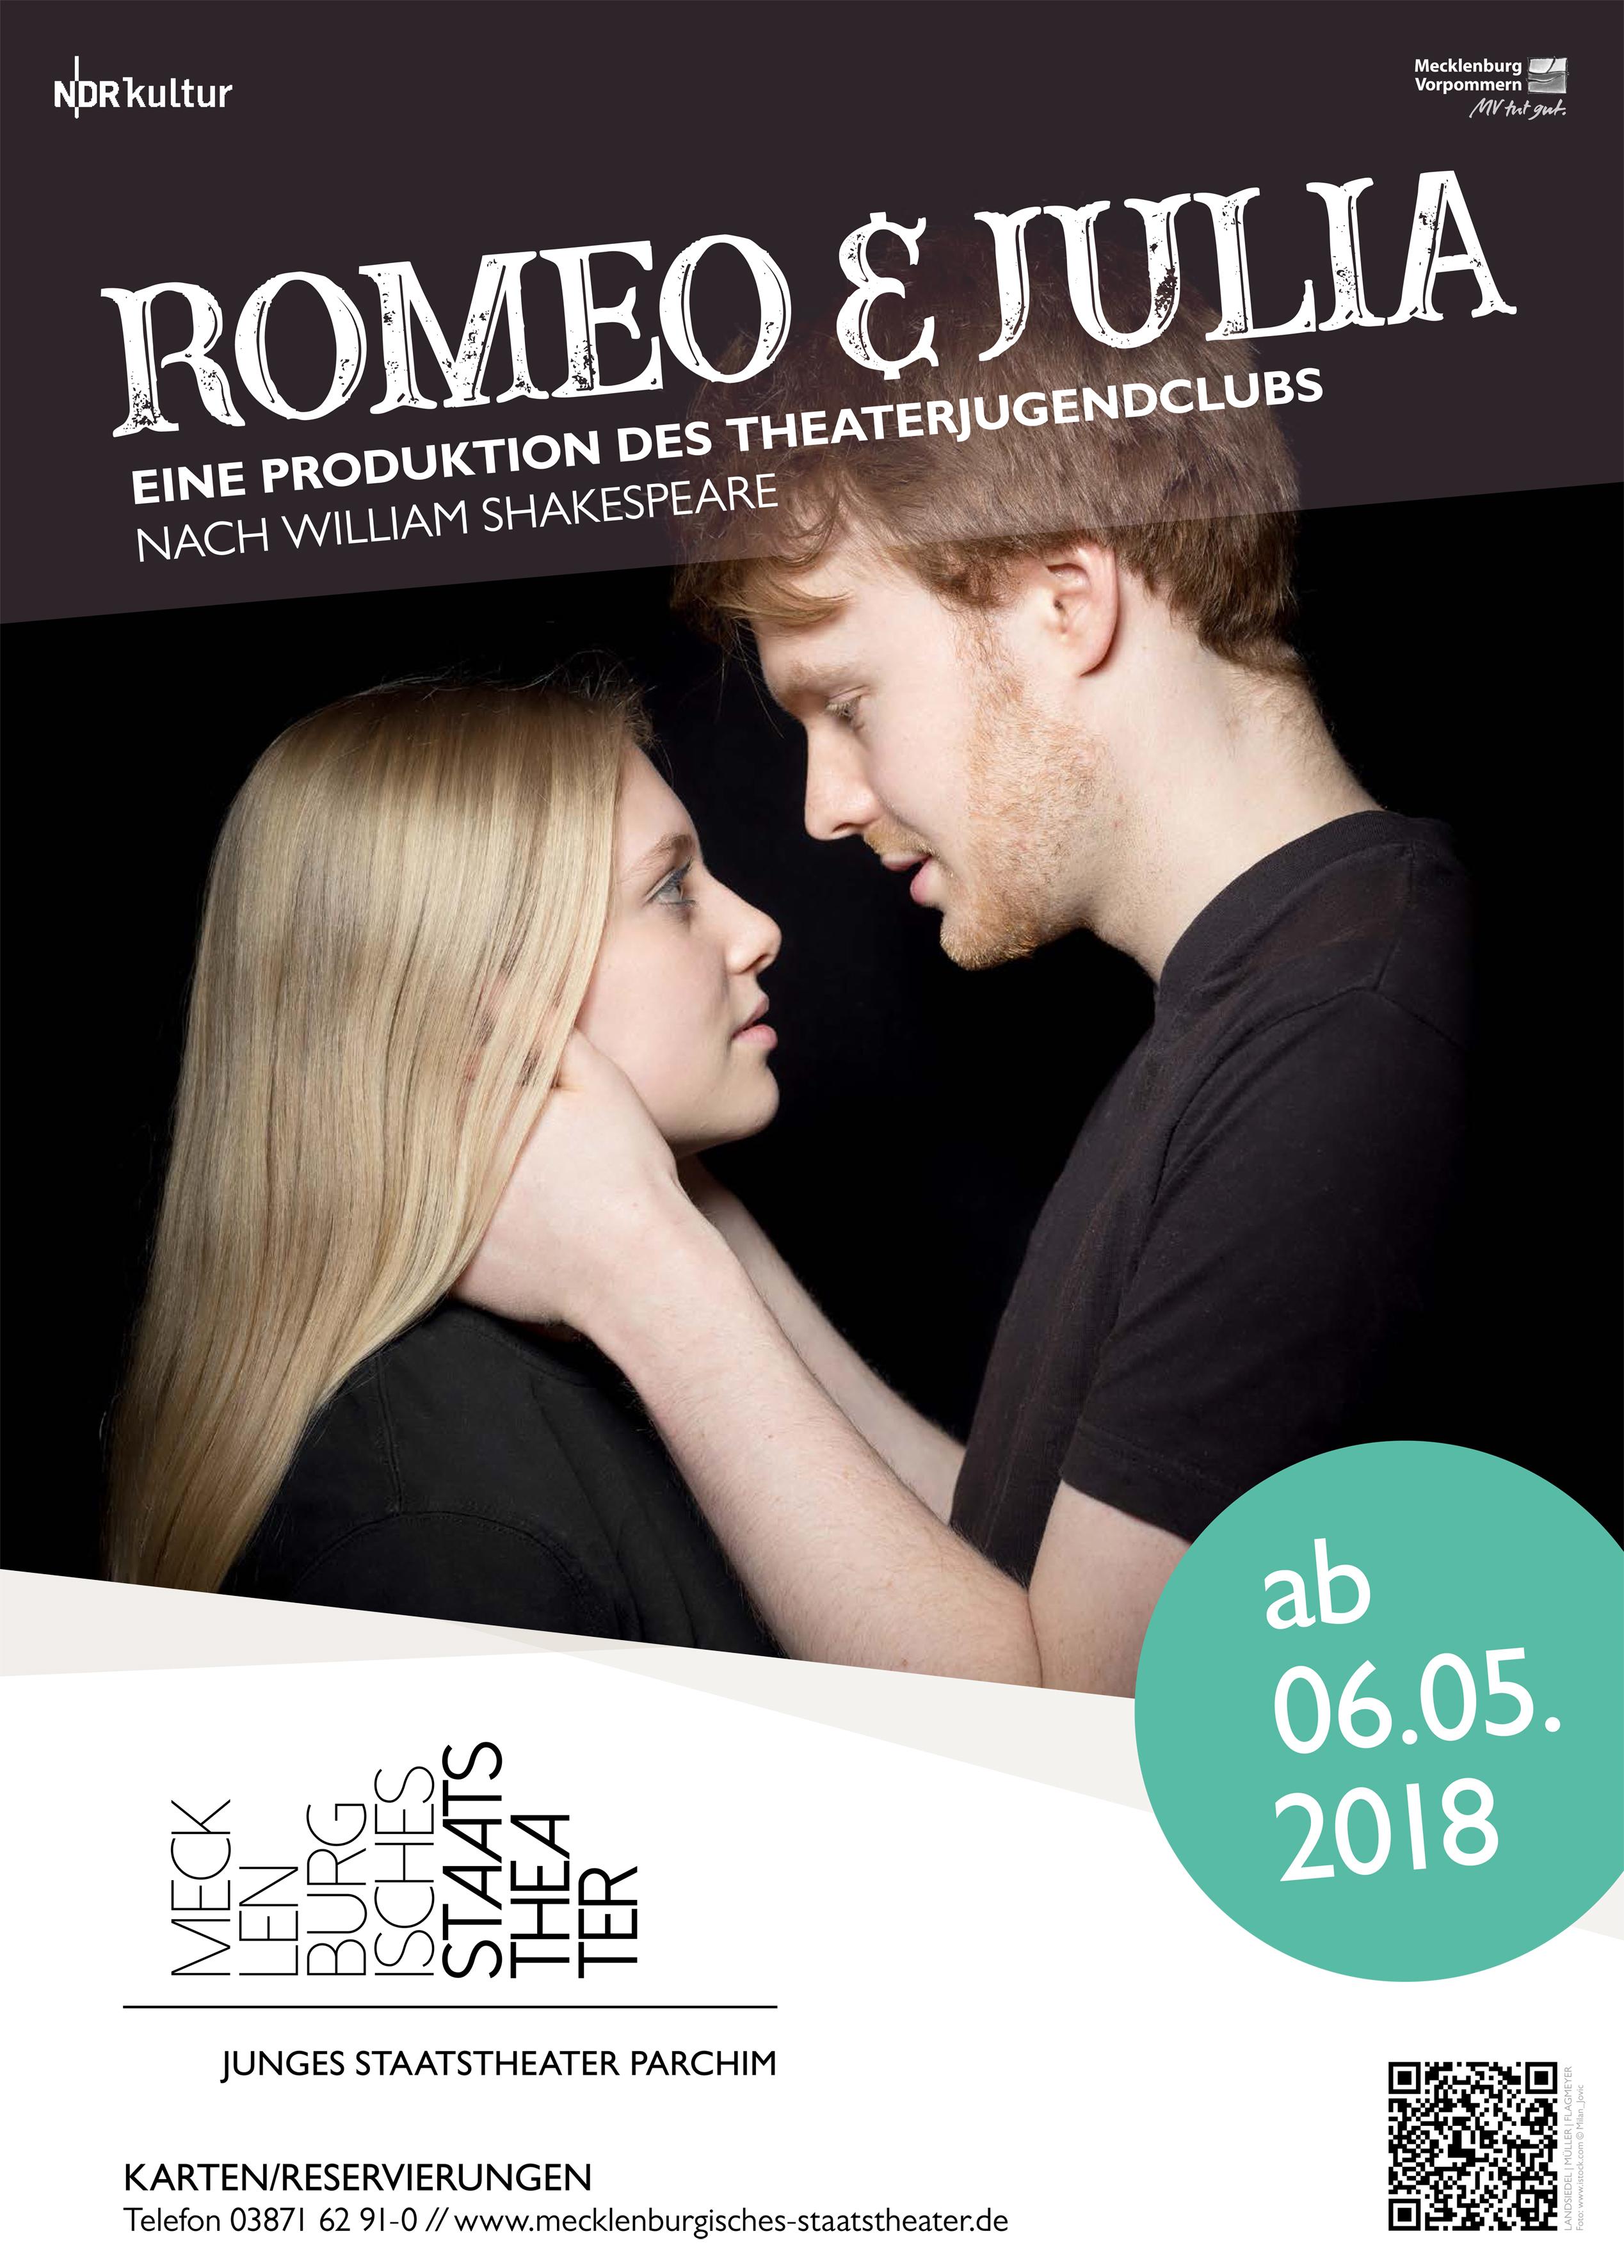 nach William Shakespeare, eine Produktion des Theaterjugendclubs Parchim © www.mecklenburgisches-staatstheater.de